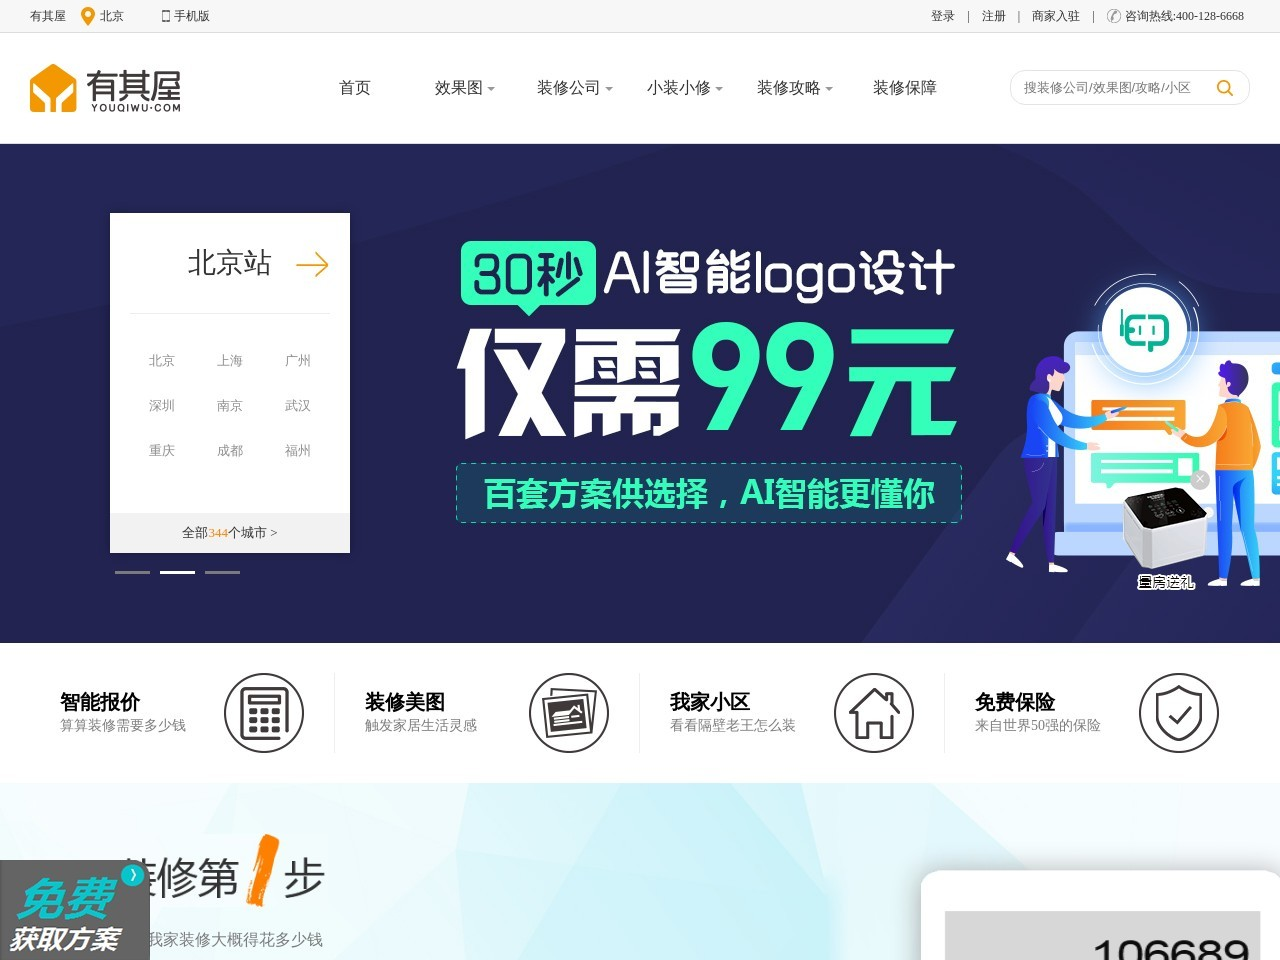 有其屋装修网_一站式互联网装修平台_房屋装修设计_装修效果图